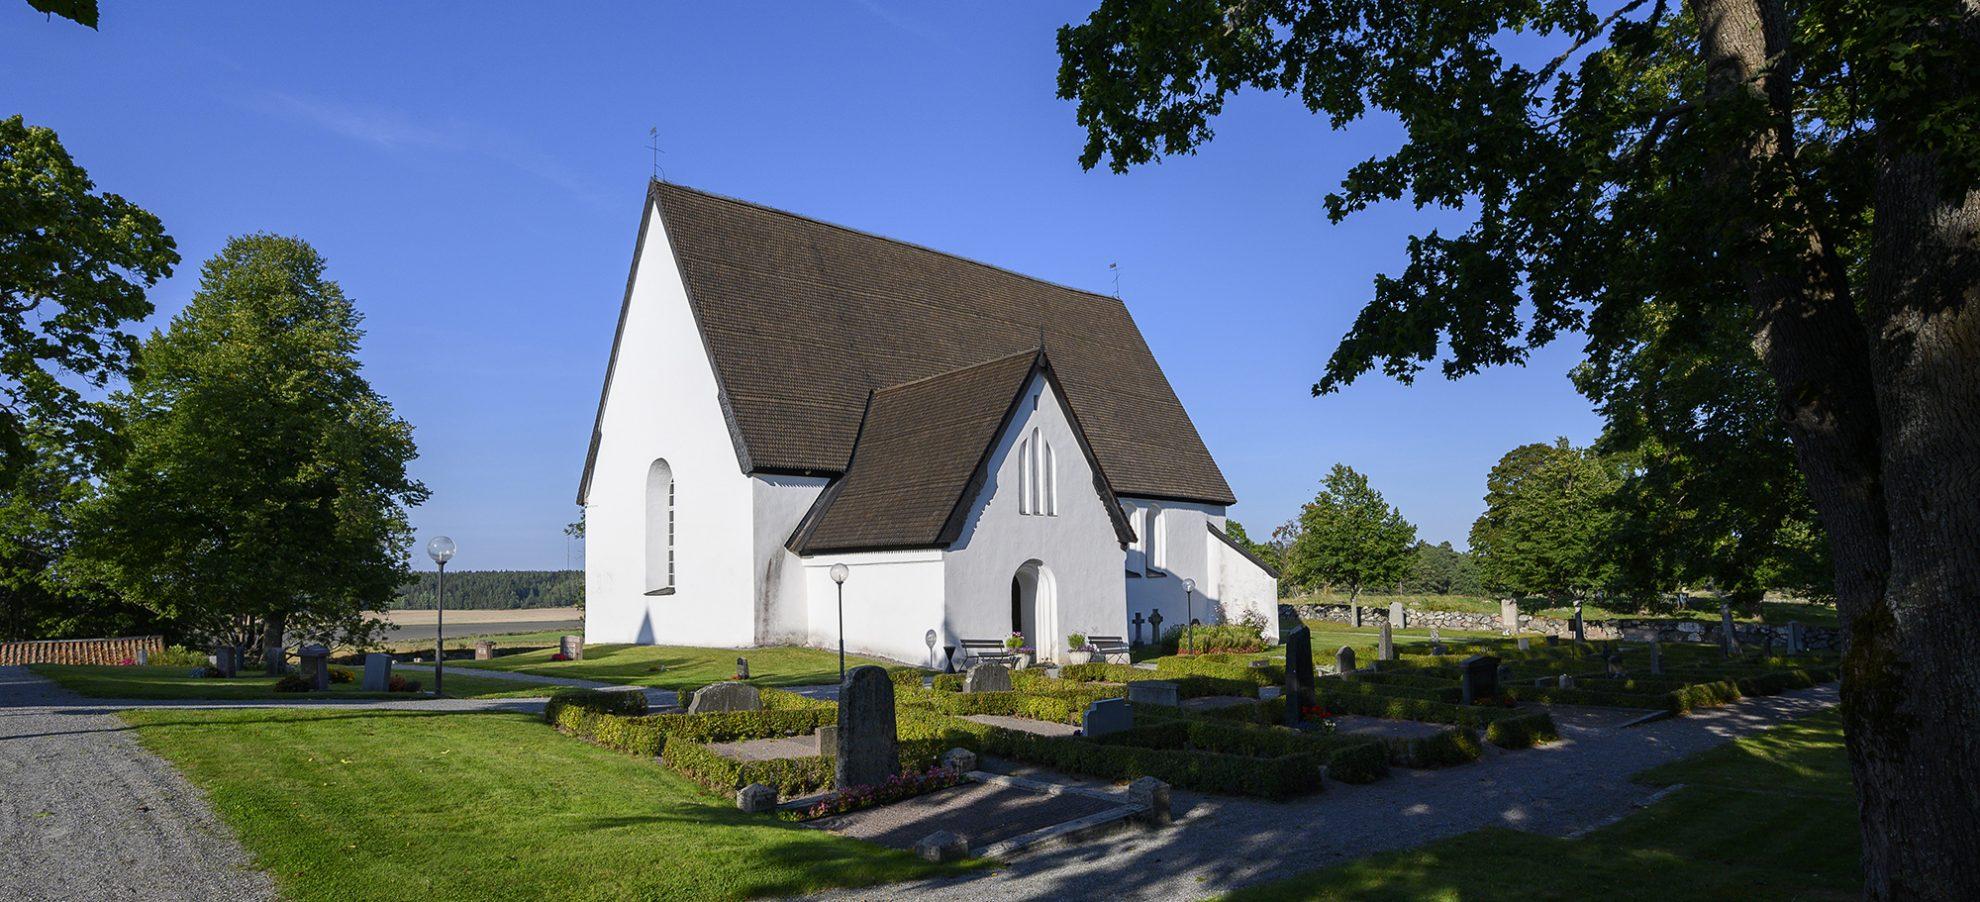 KyrkA Härkeberga kyrka yrkesroll yrken arbete utbildning